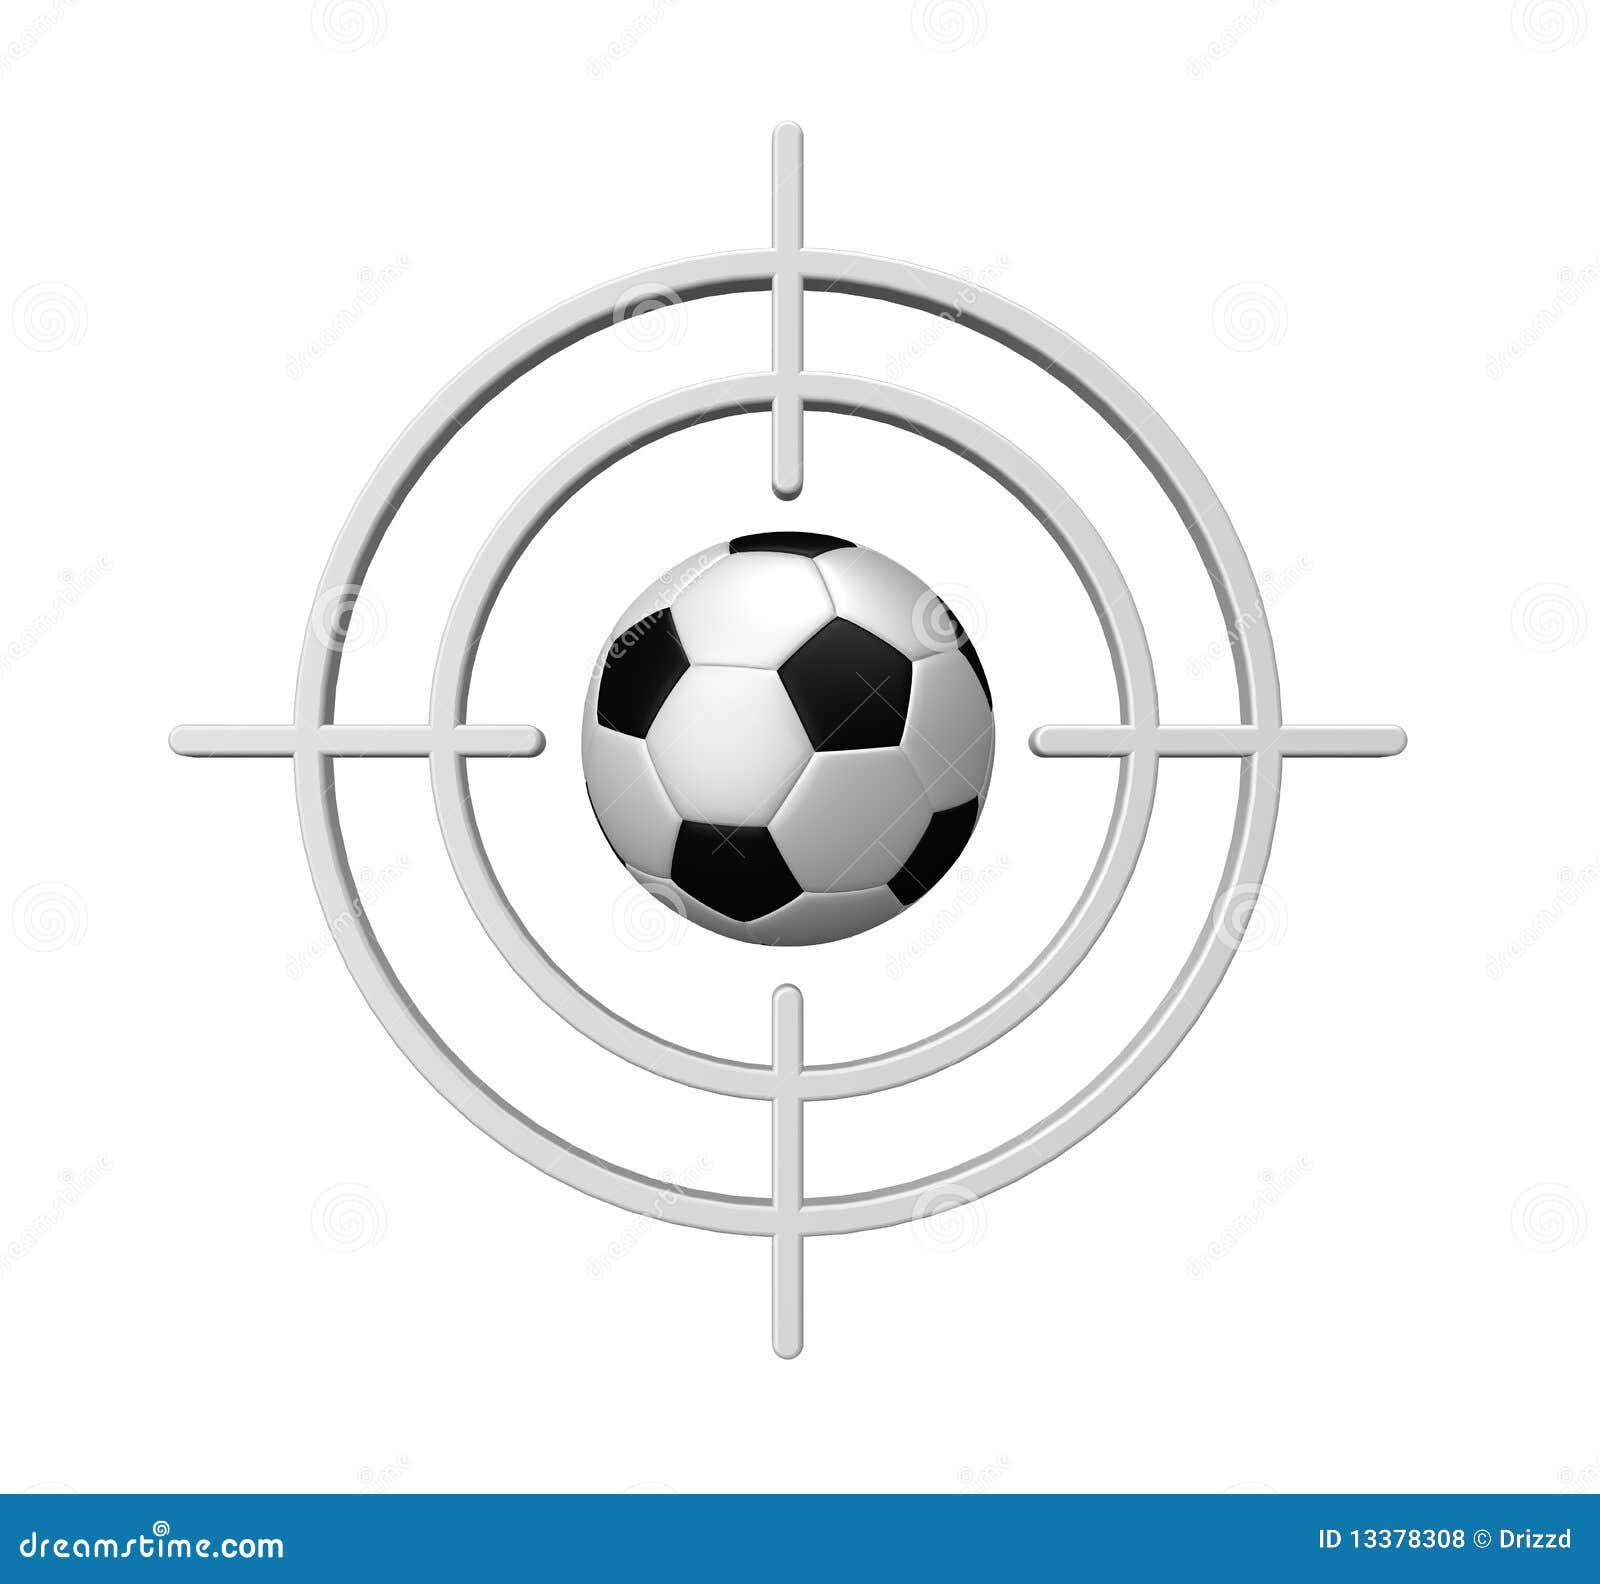 Target soccer stock illustration. Illustration of team - 13378308 5b87e8e49d27